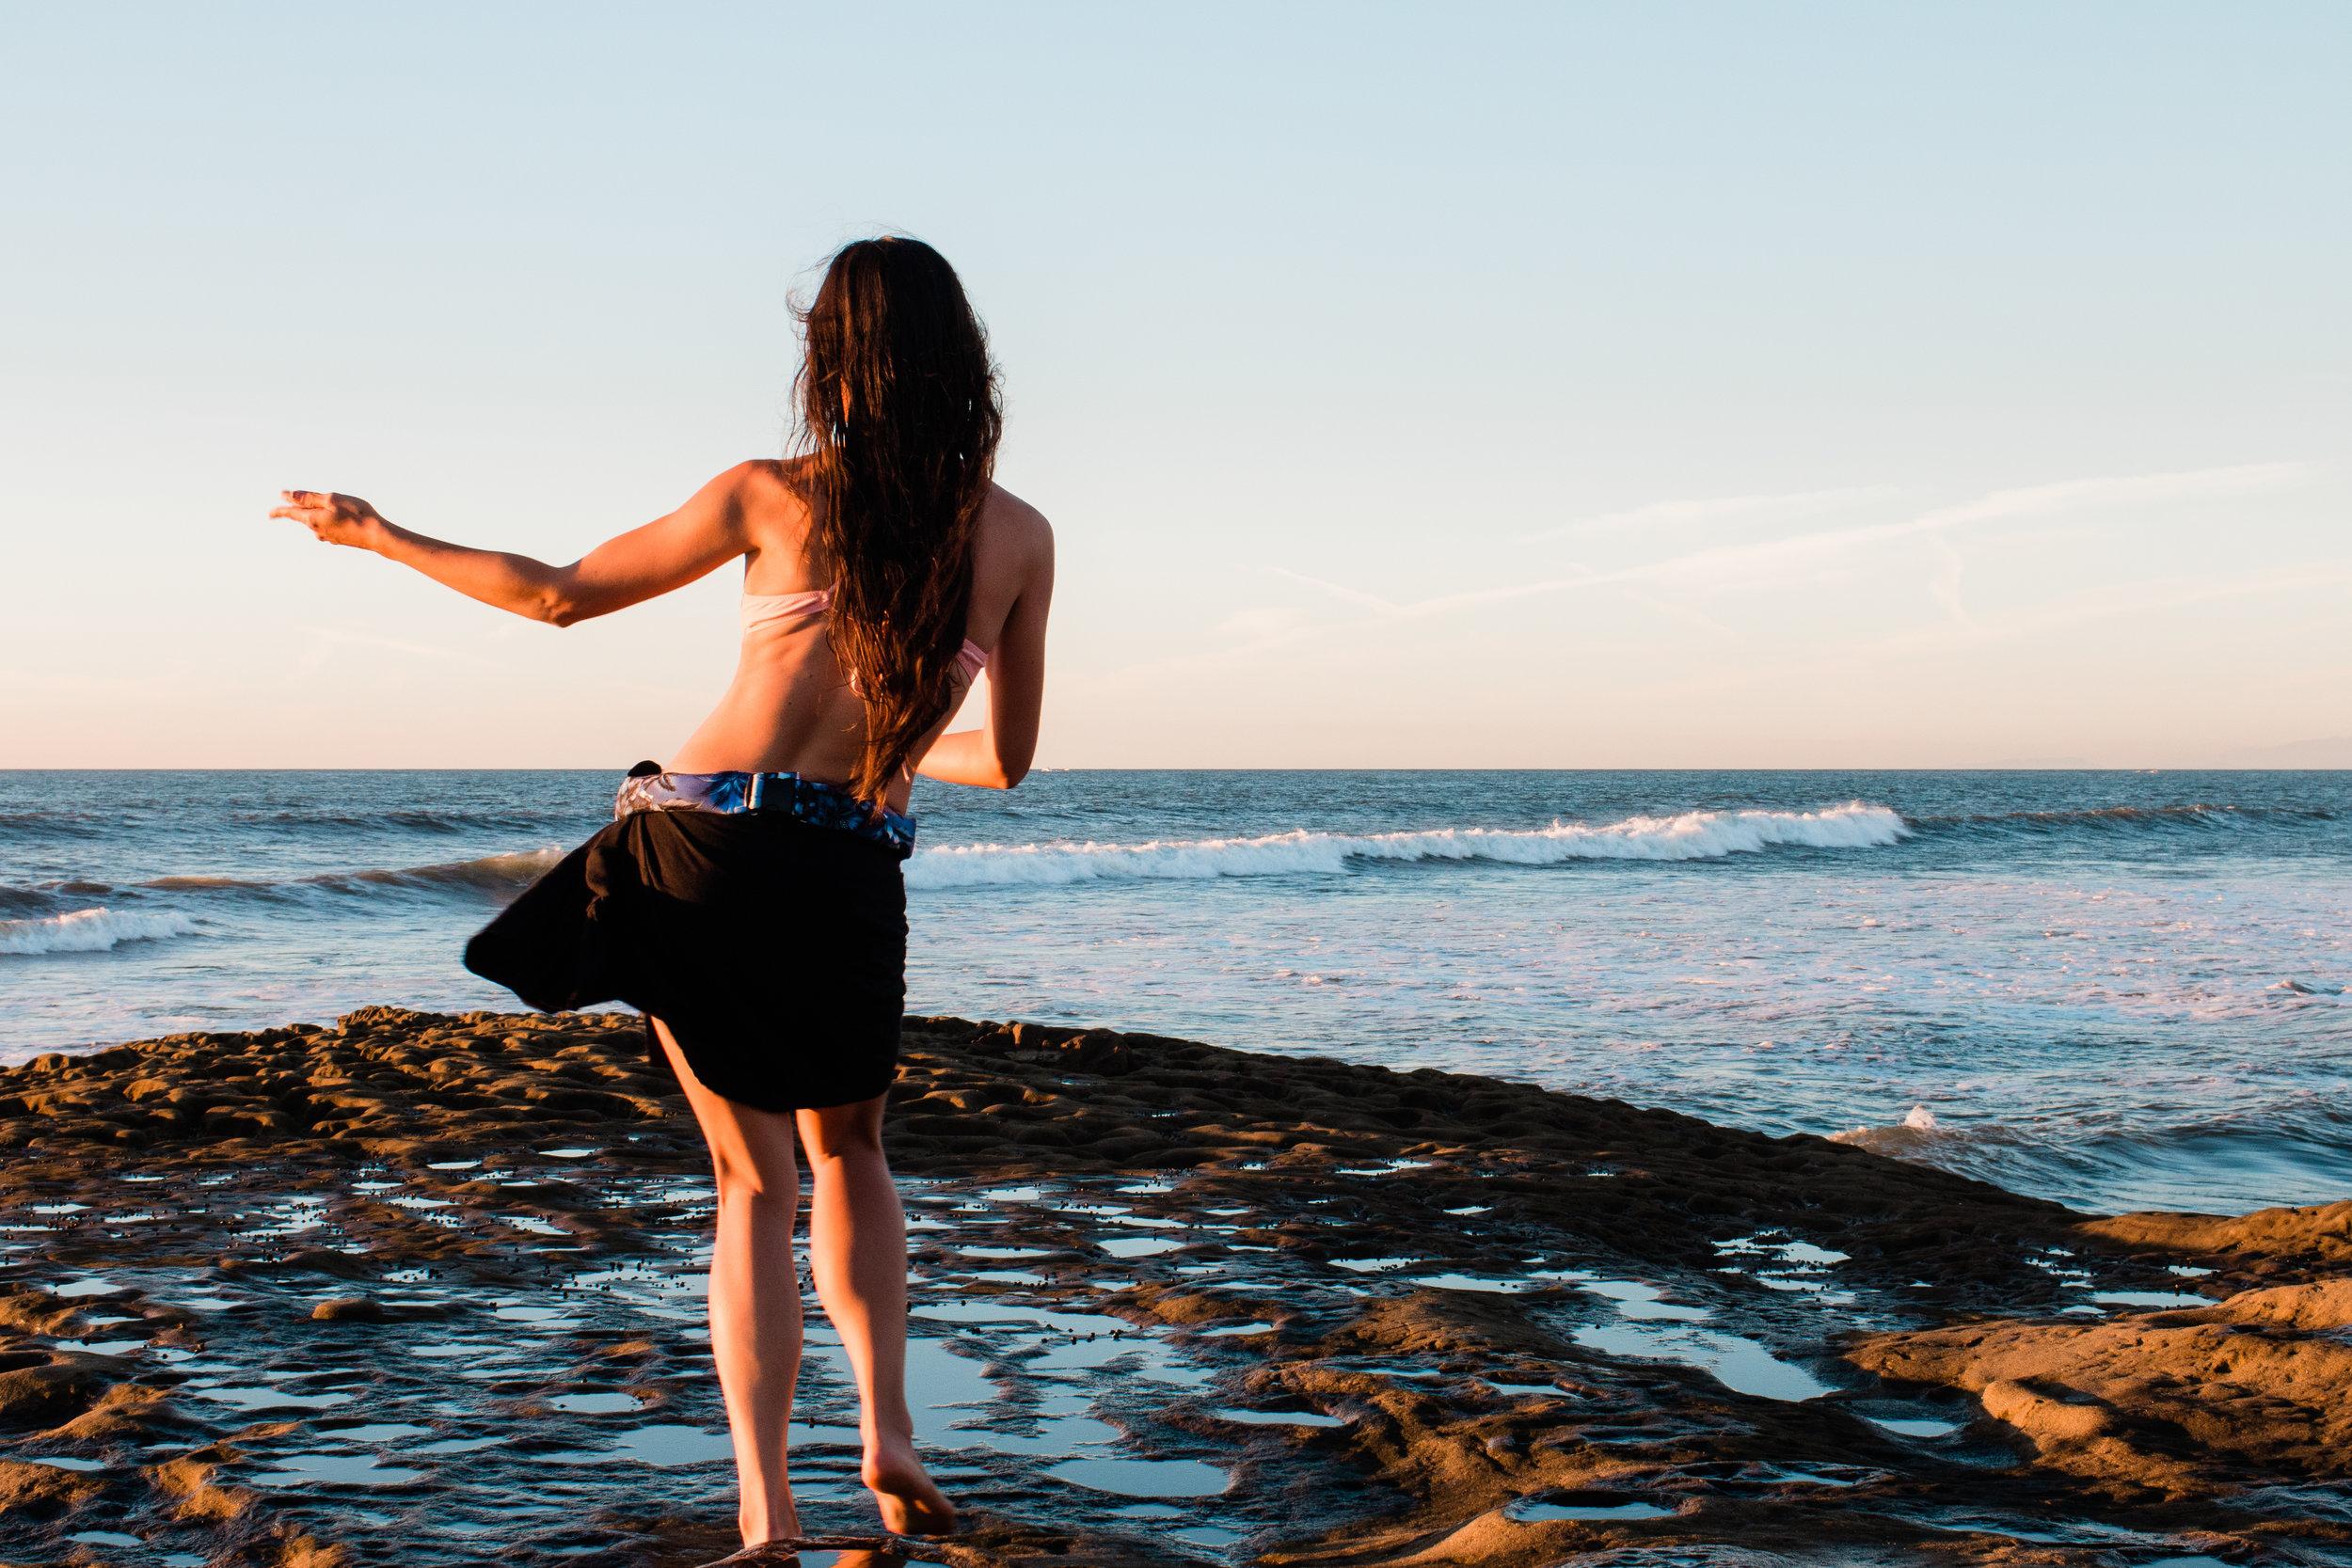 Lena_Camero_Ocean_Behind